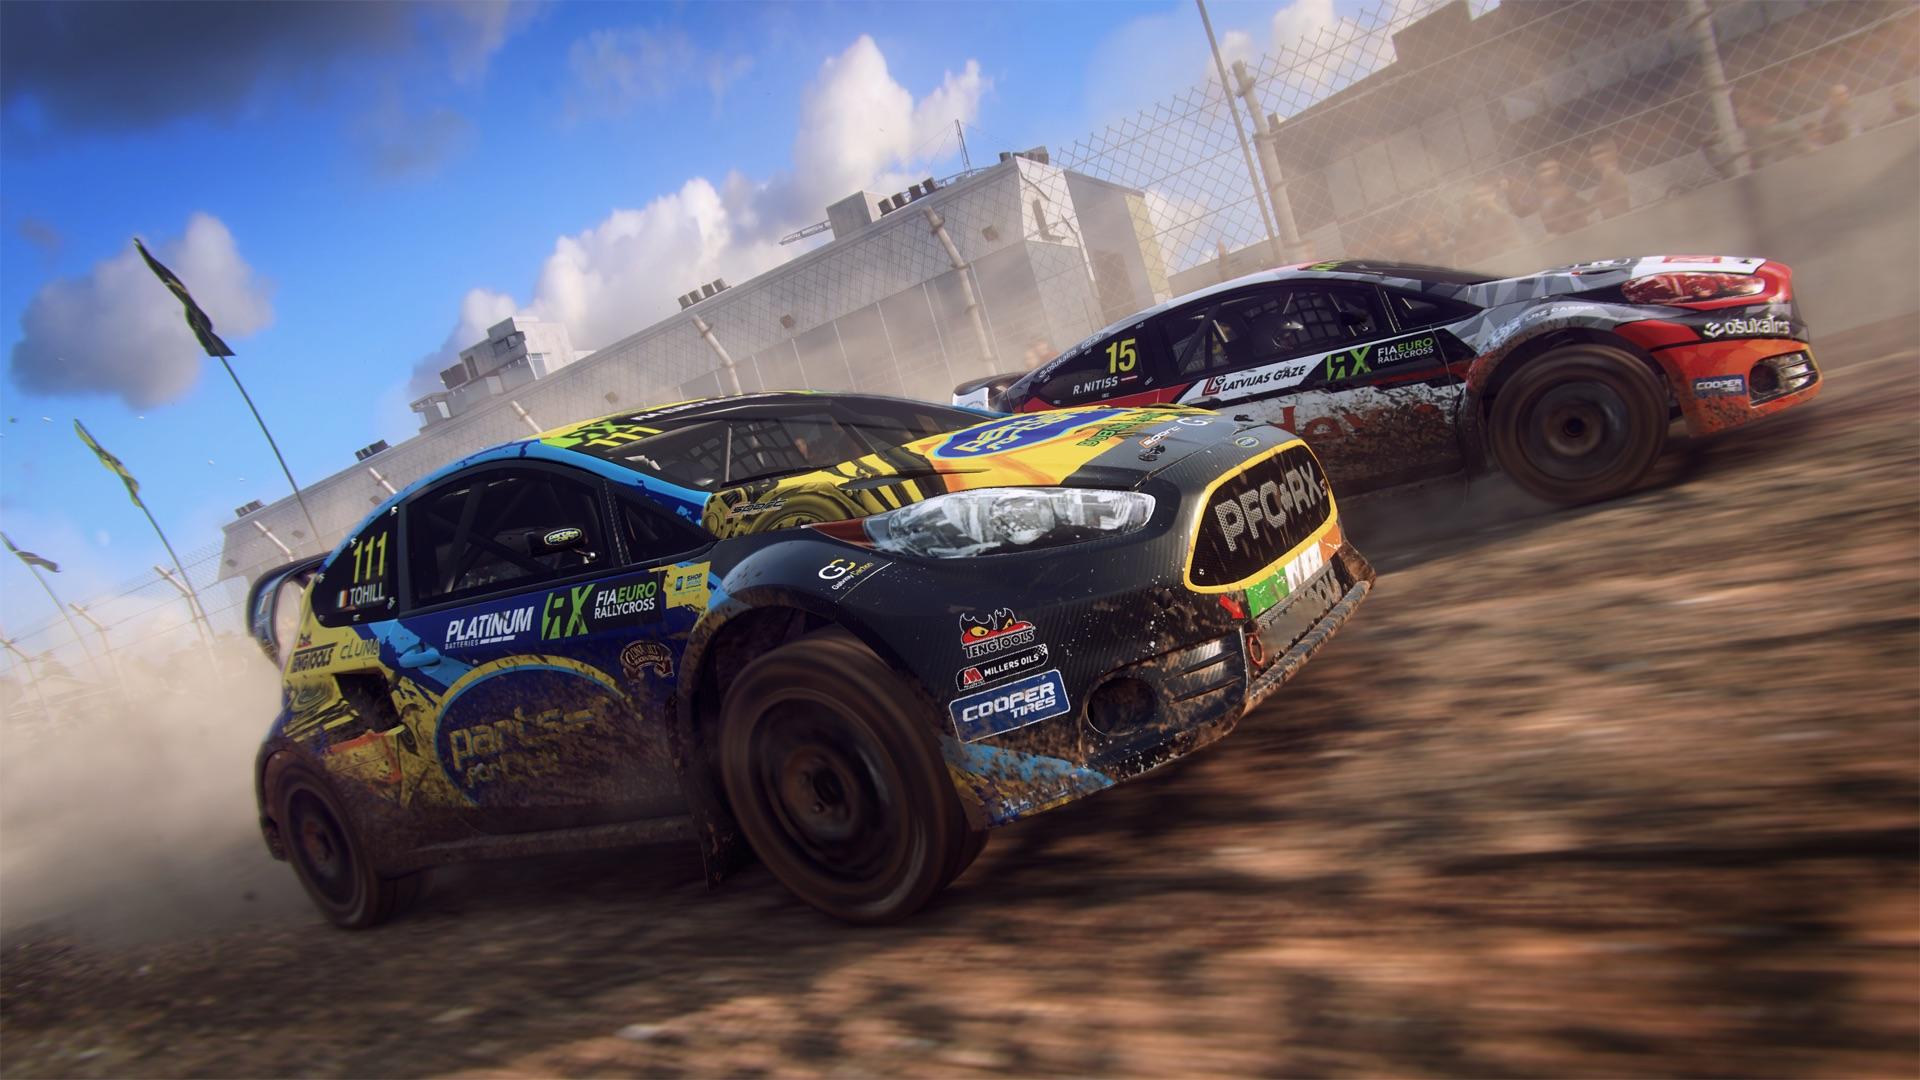 DiRT_Rally_2.0_Fiesta_RX_1